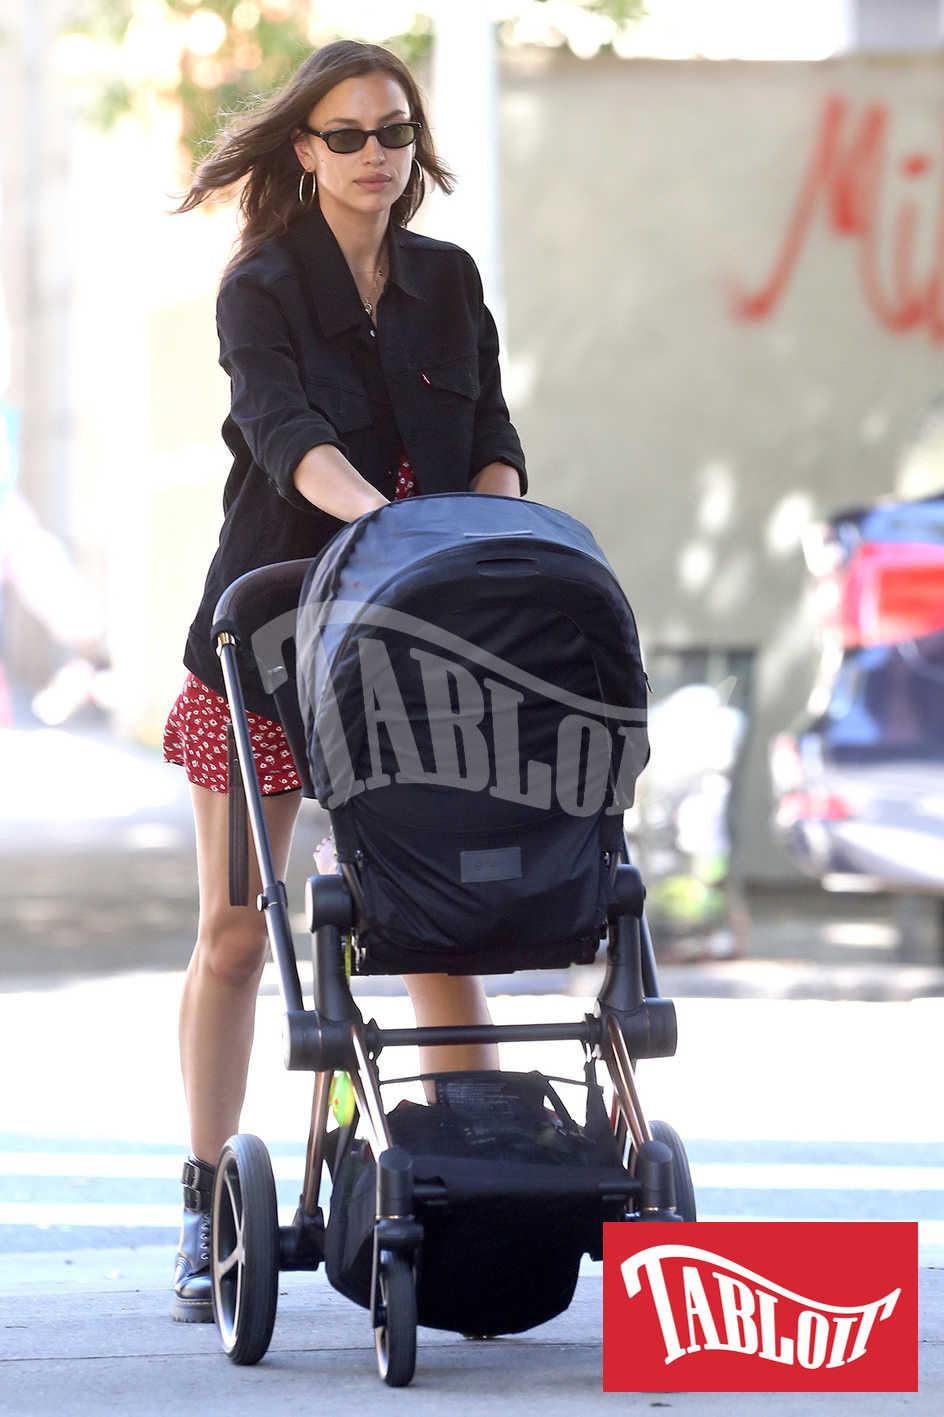 Irina Shayk spinge la carrozzina durante un'uscita per le strade di New York